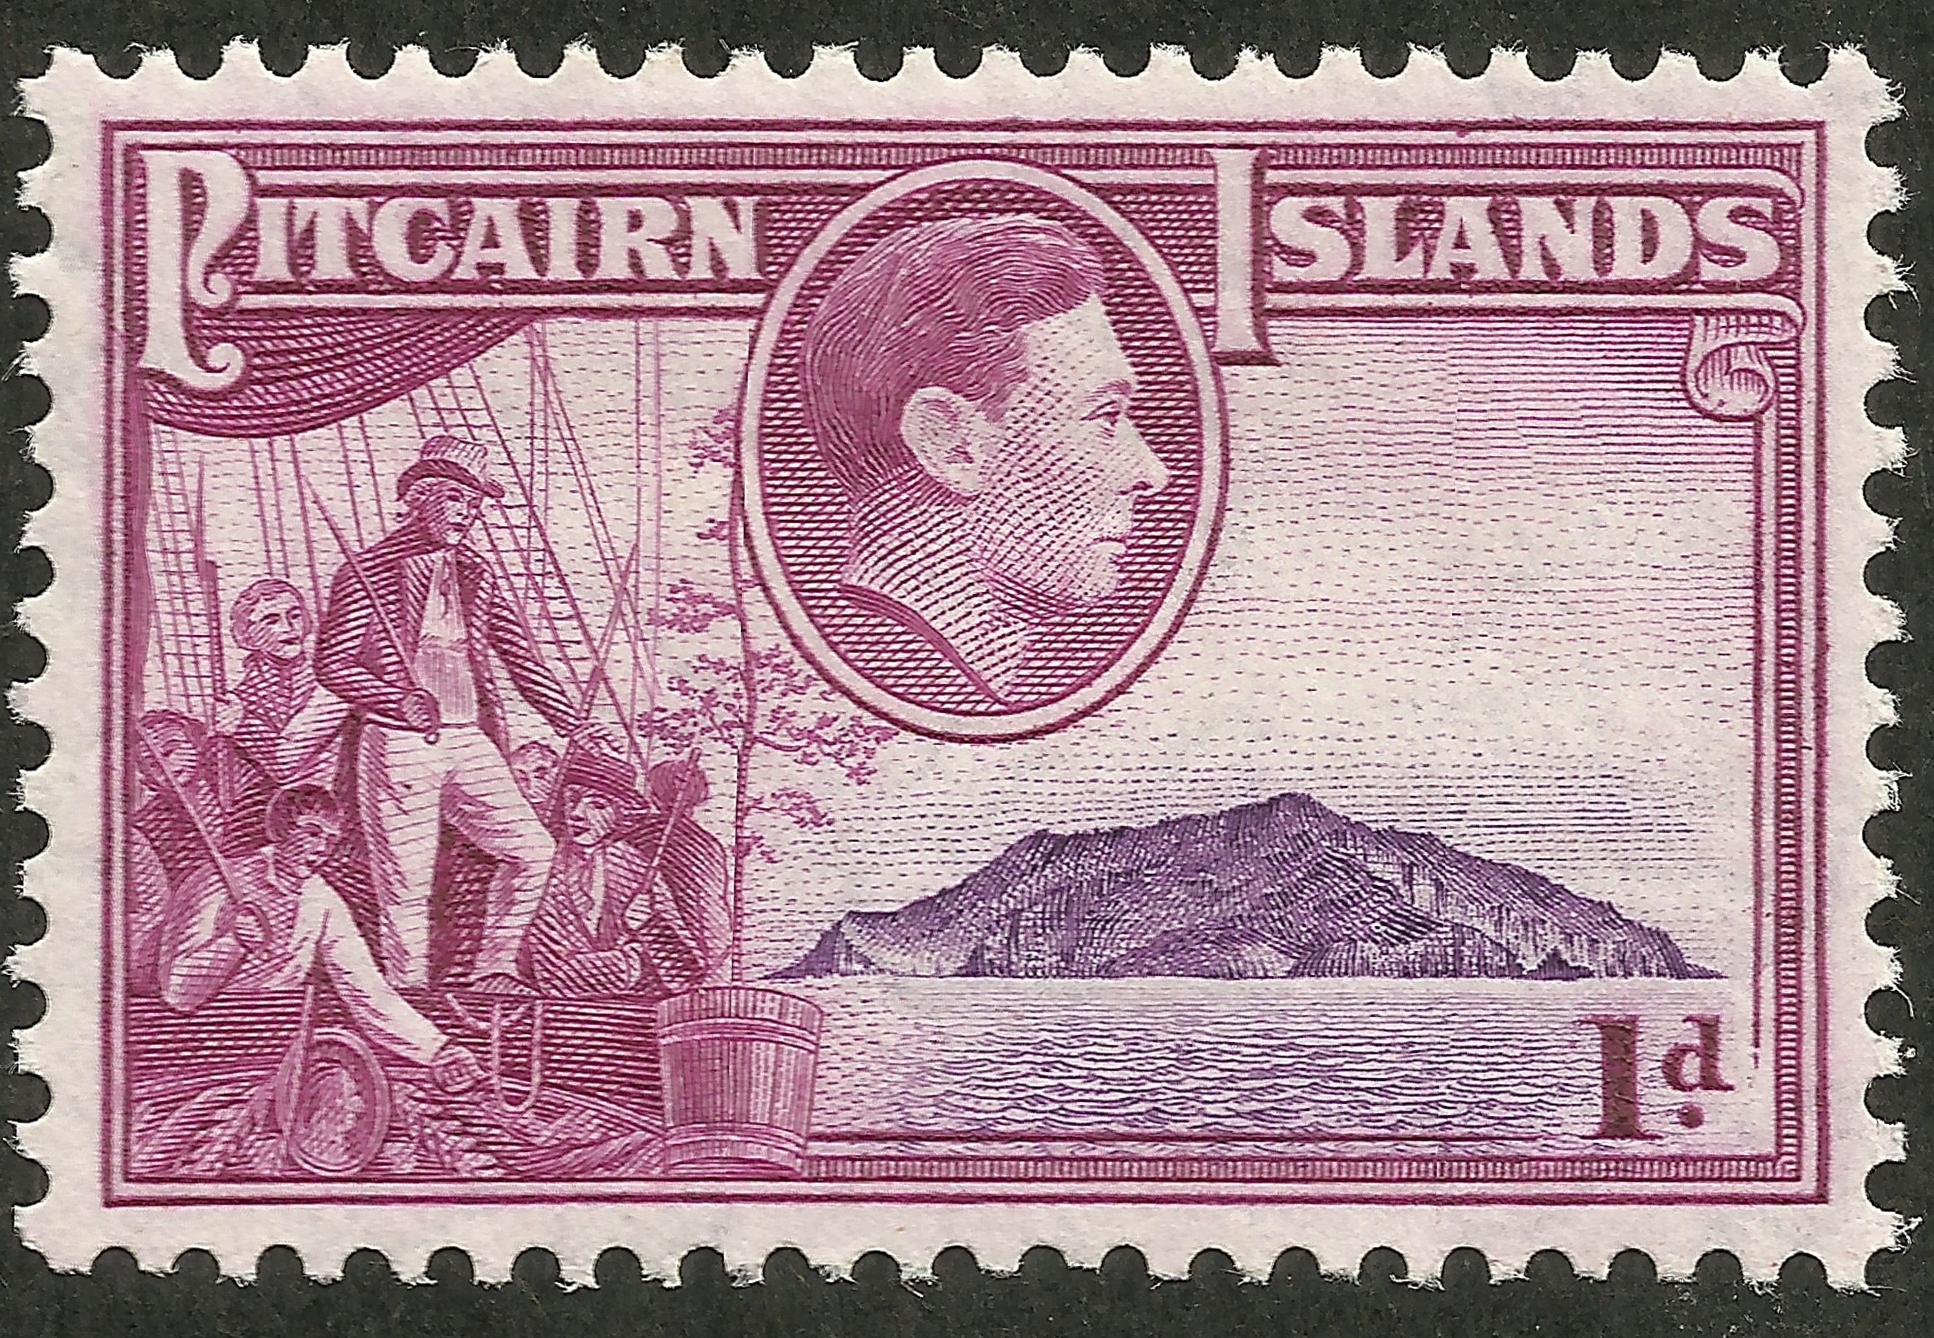 Pitcairn Islands - Scott #2 (1940)